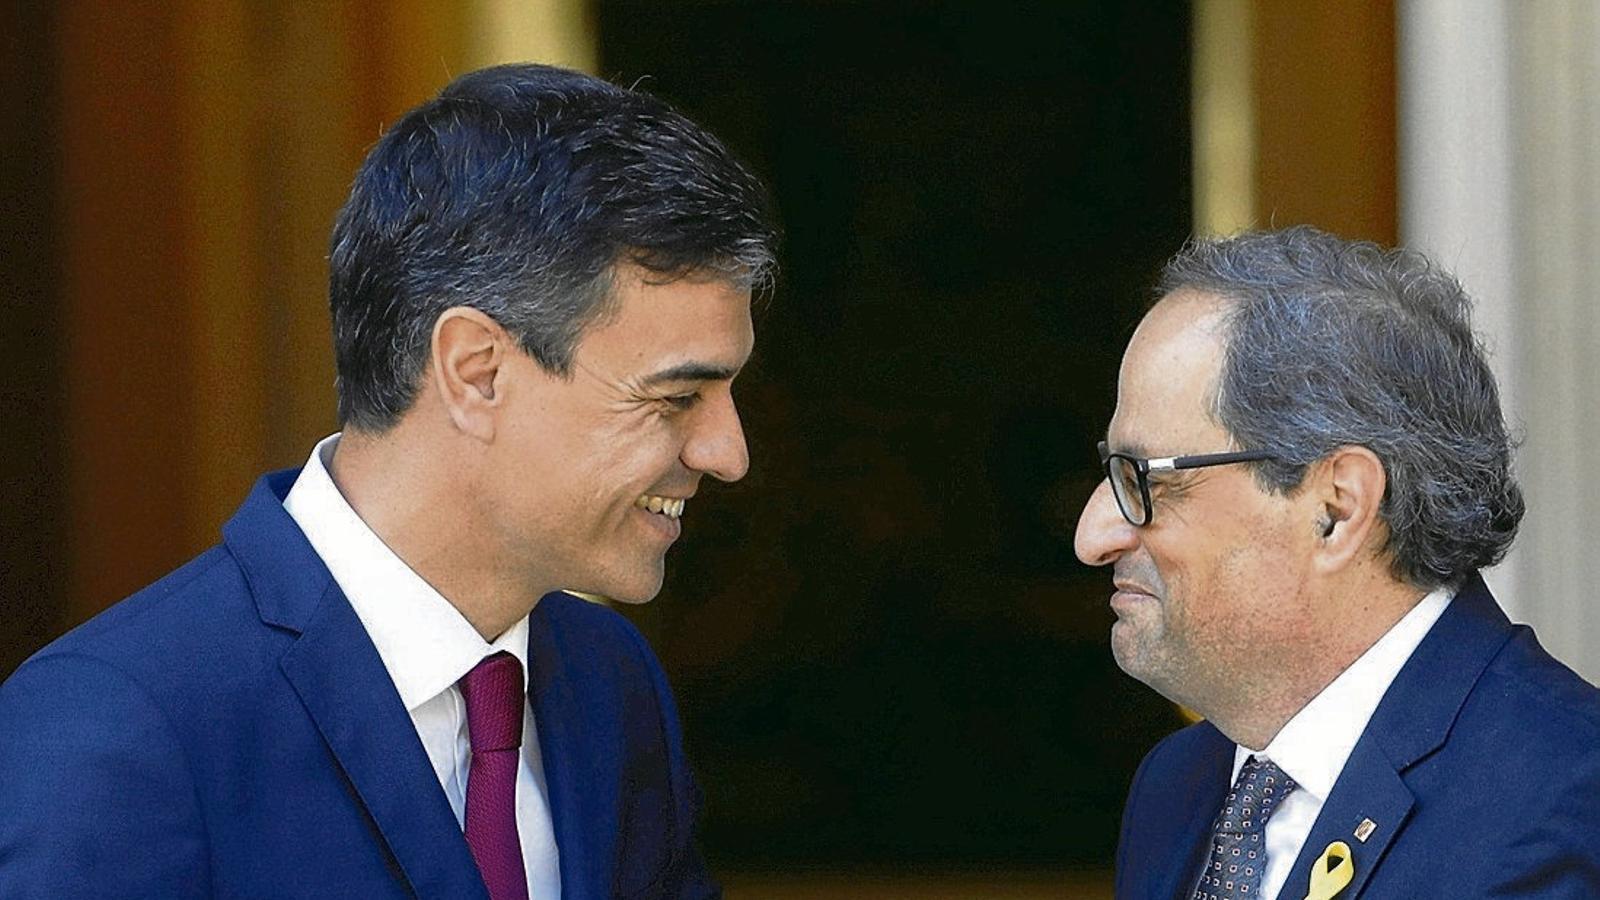 La Generalitat i la Moncloa acorden una trobada dijous a les sis al Palau de Pedralbes